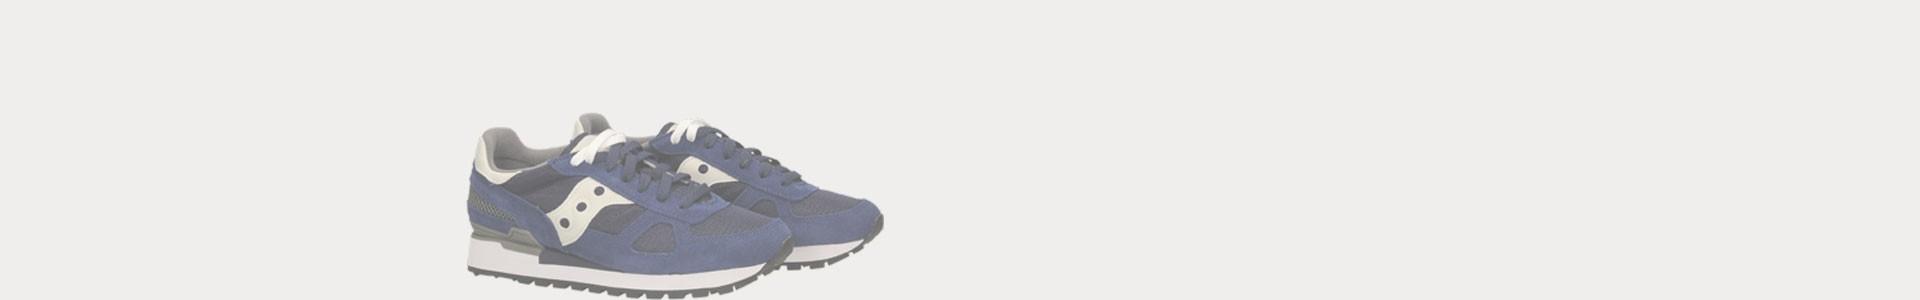 Baskets de mode pour Homme en ligne | Achetez sur AnyGivenSunday.Shop